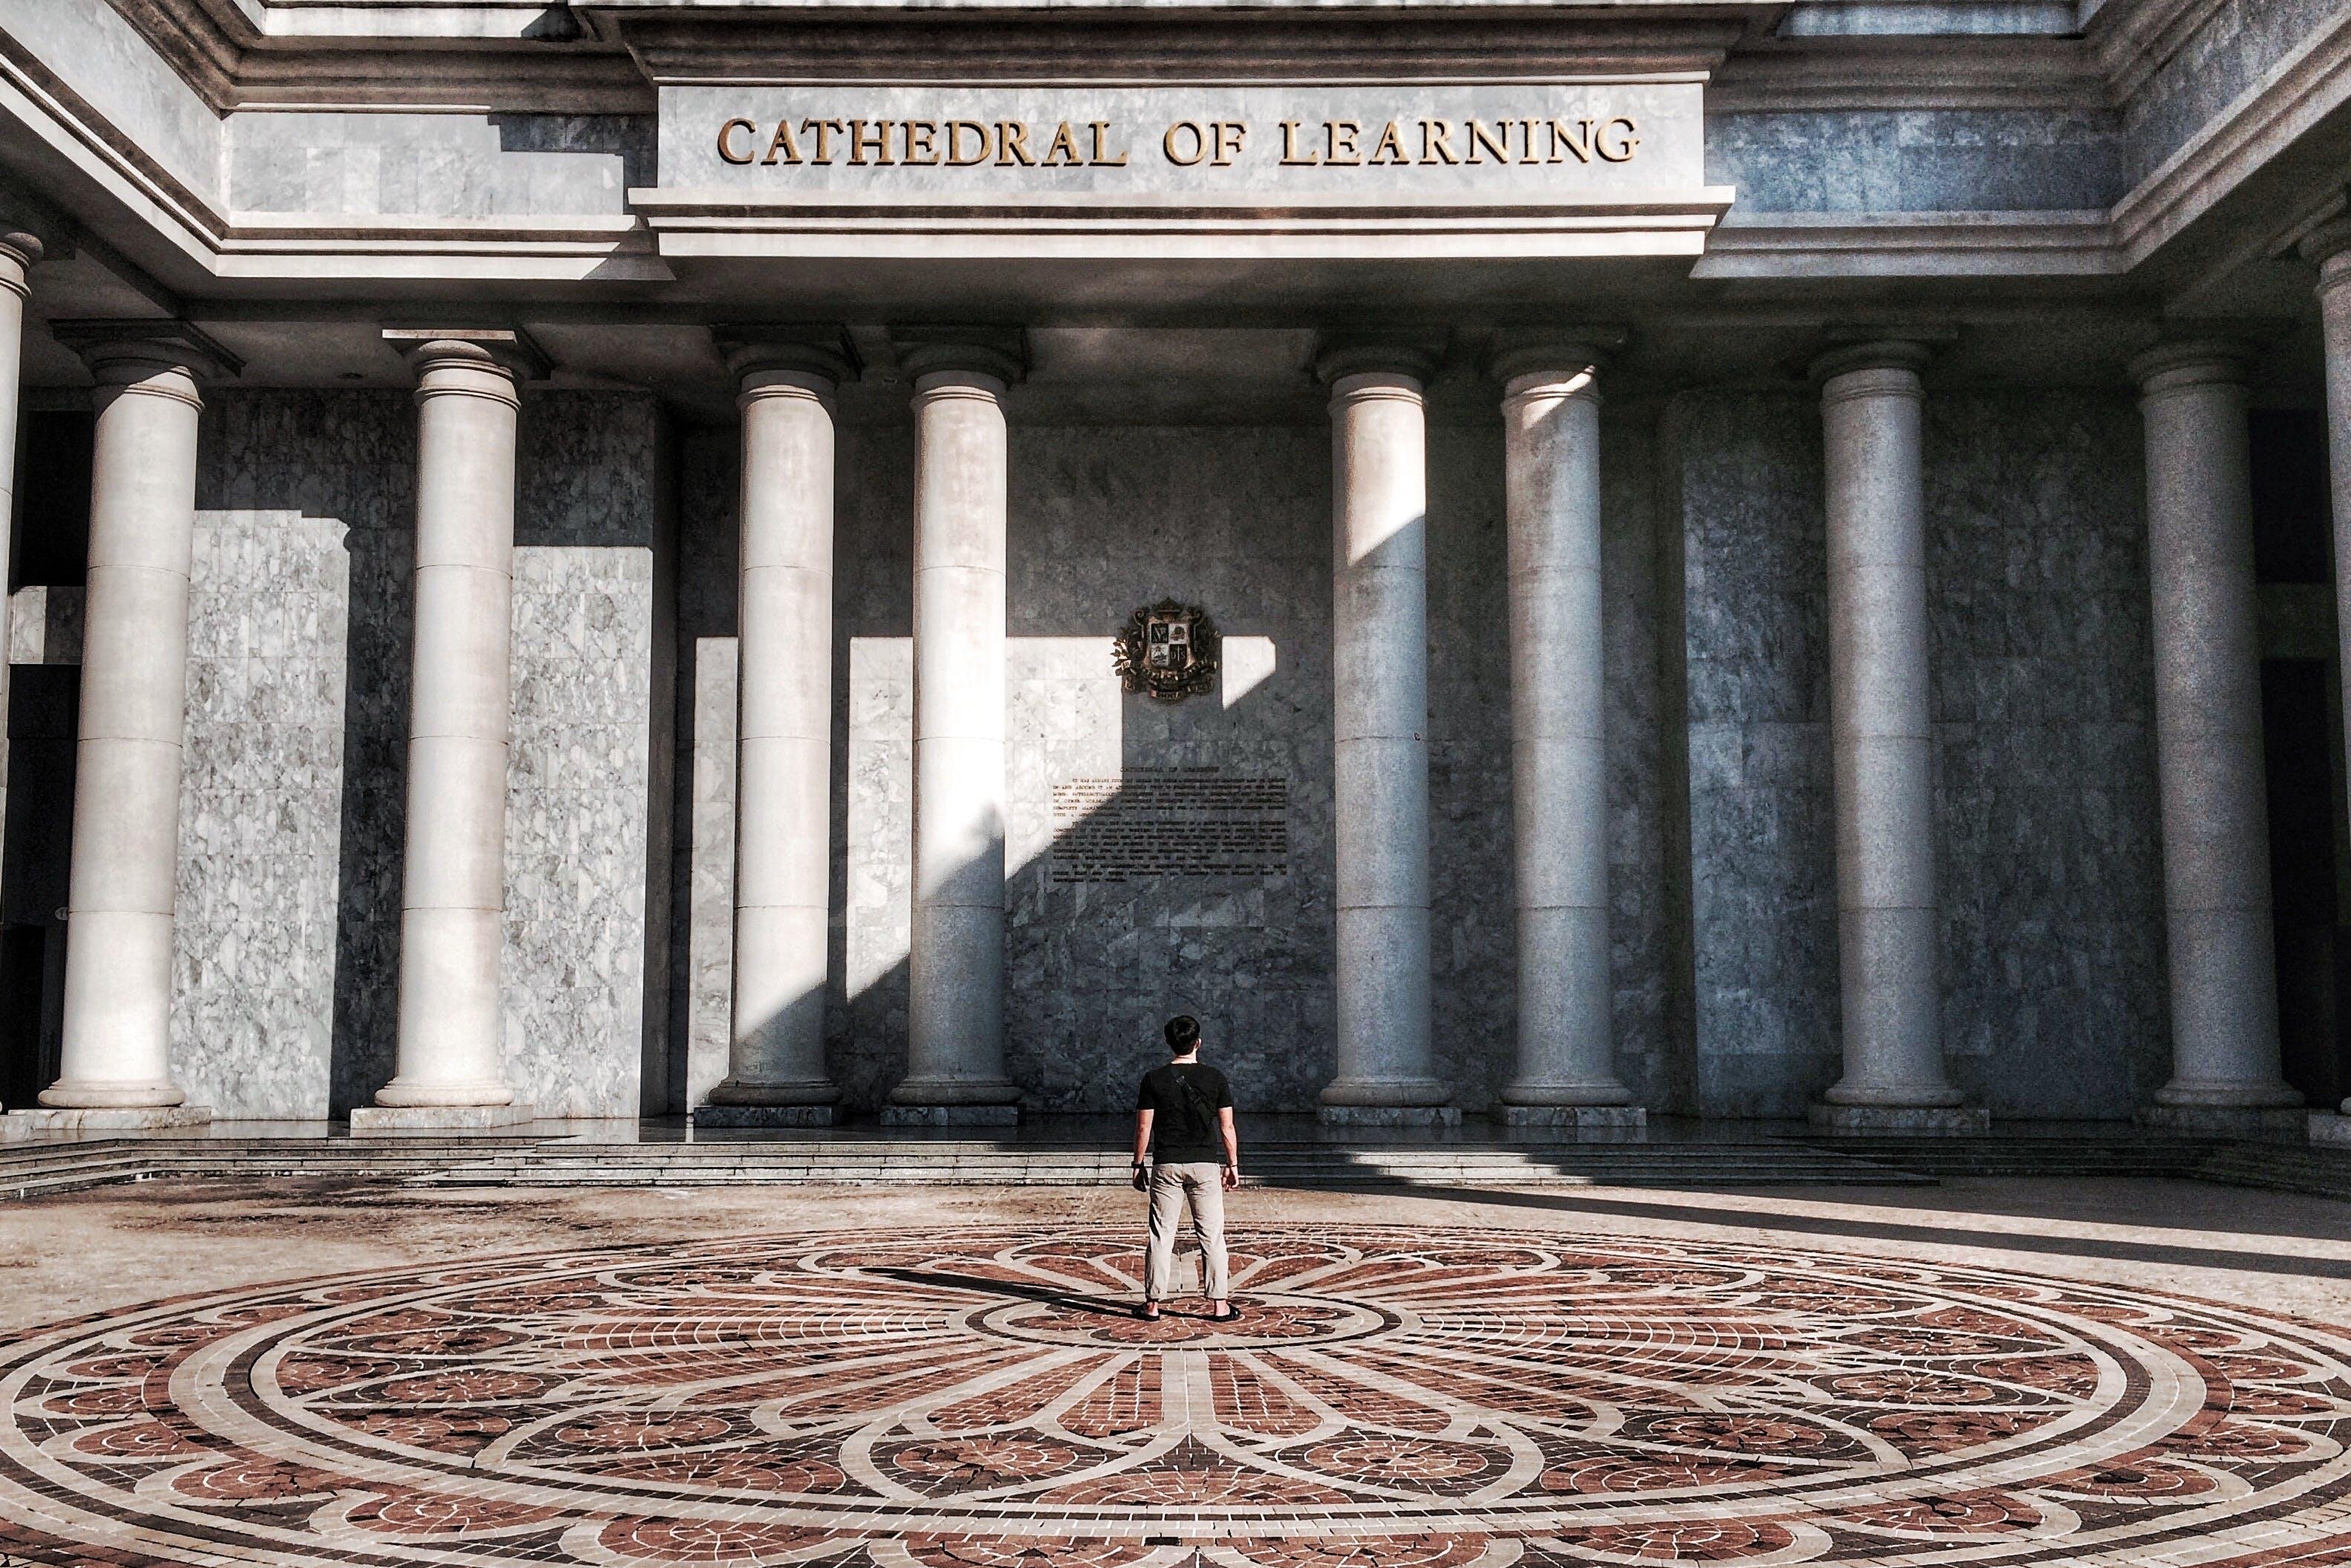 Foto stok gratis Arsitektur, dinding, katedral belajar, klasik